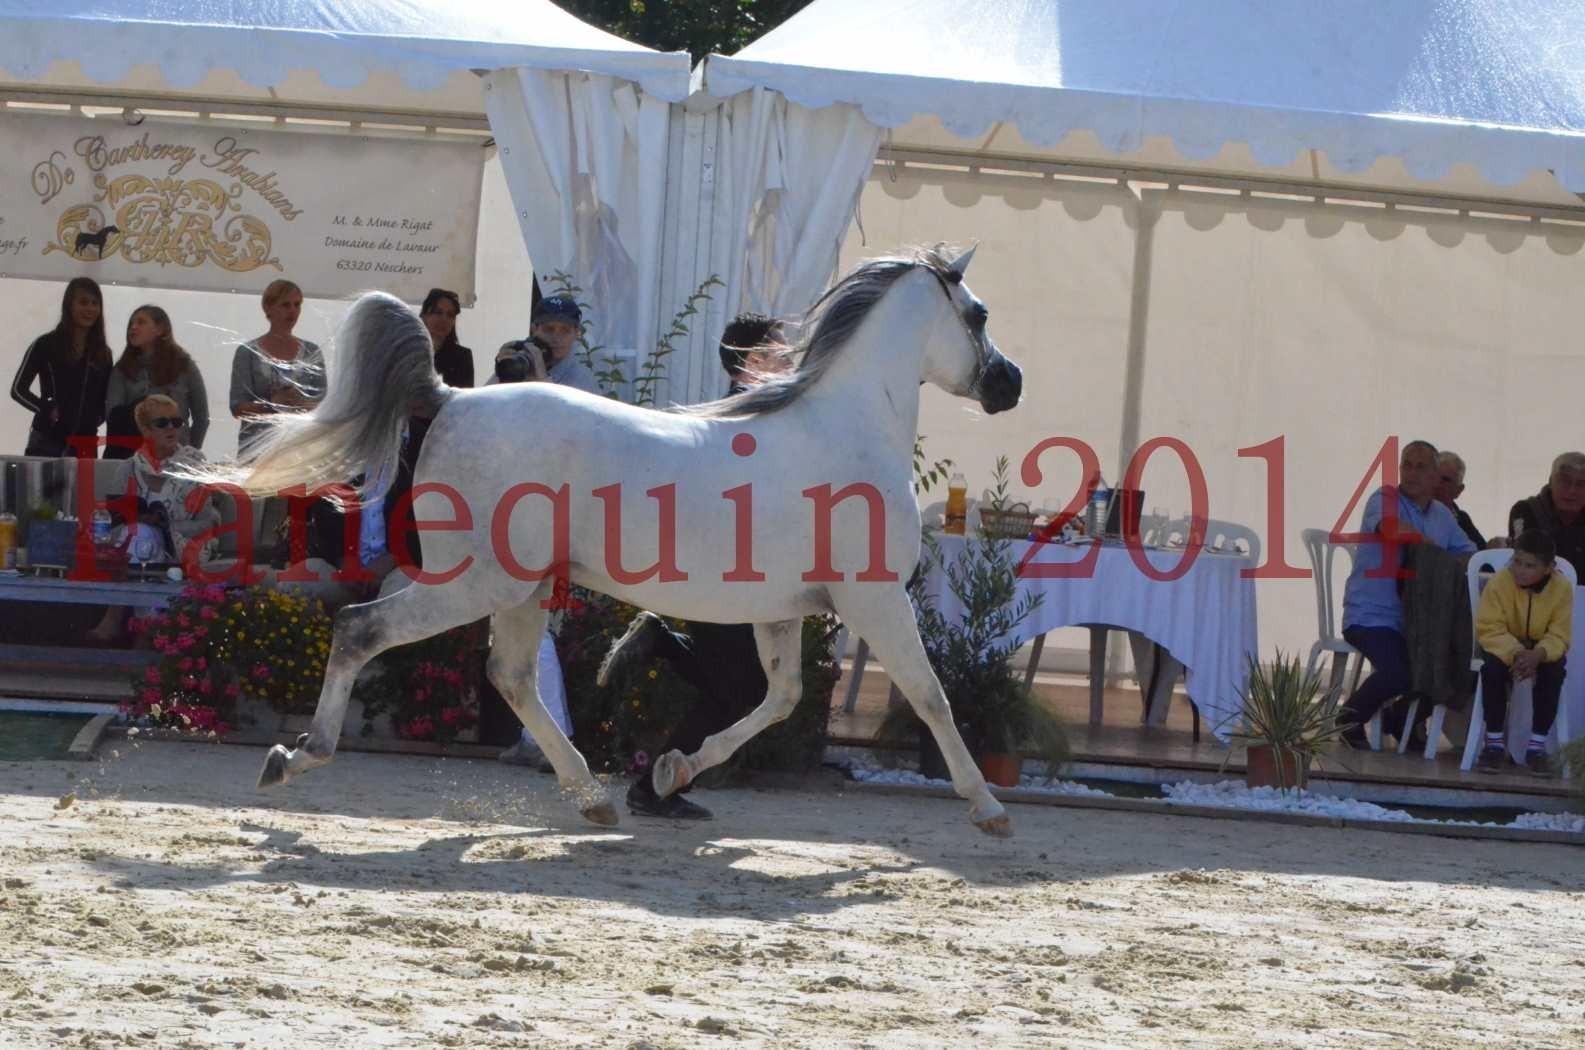 CHAMPIONNAT DE FRANCE  2014 A POMPADOUR - Sélection - SHAOLIN DE NEDJAIA - 52